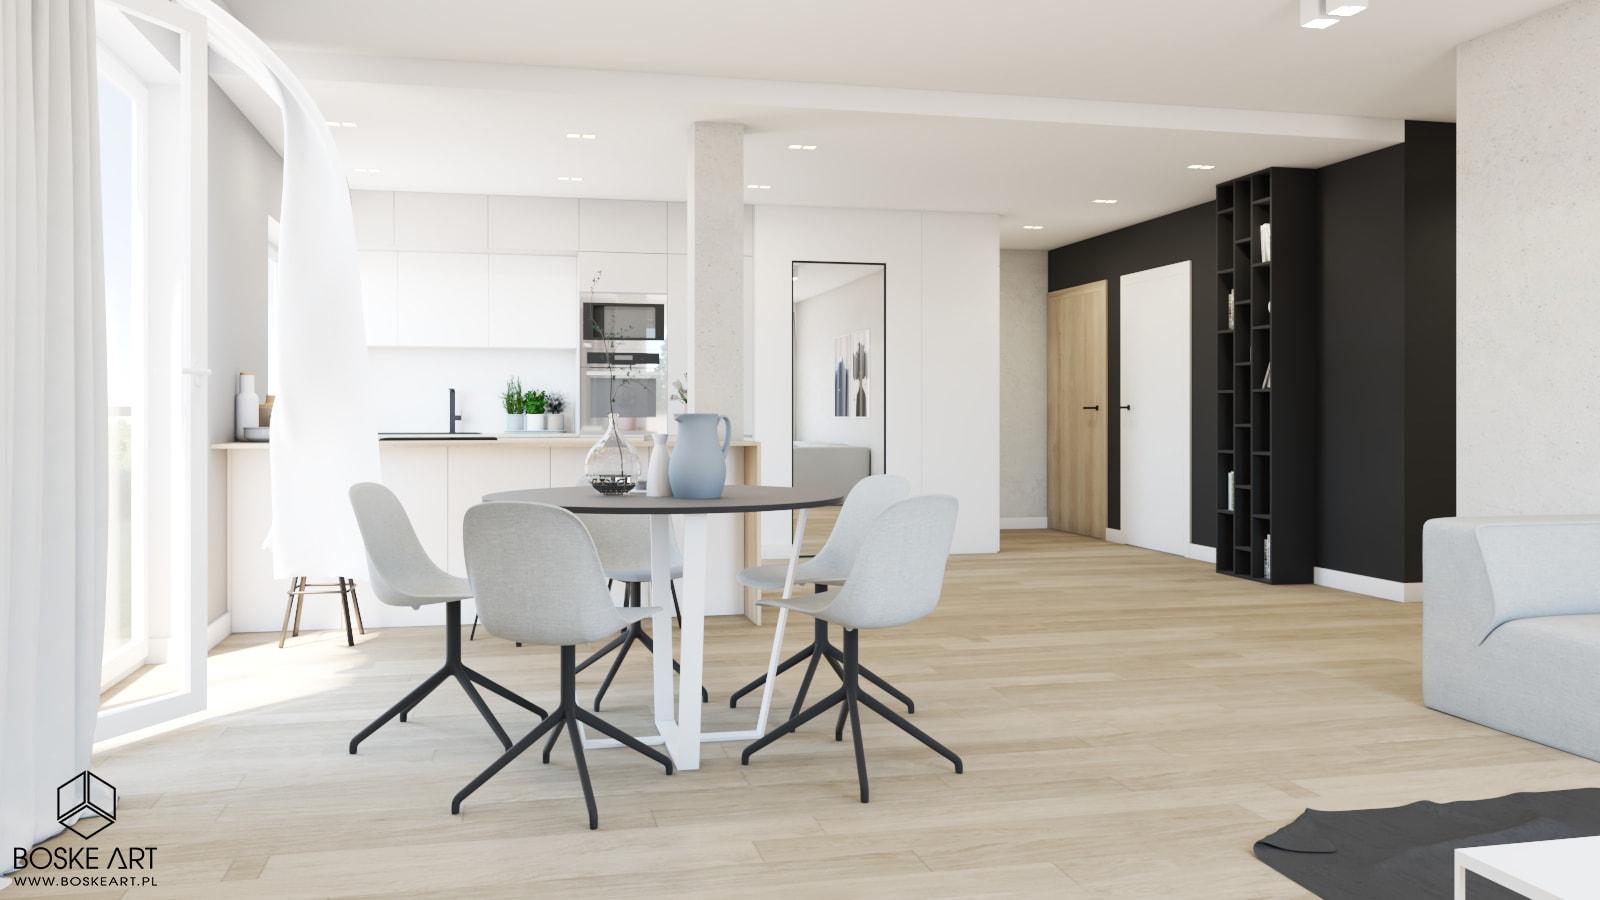 5_mieszkanie_jarocin_boske_art_projektowanie_wnetrz_architektura_natalia_robaszkiewicz-min